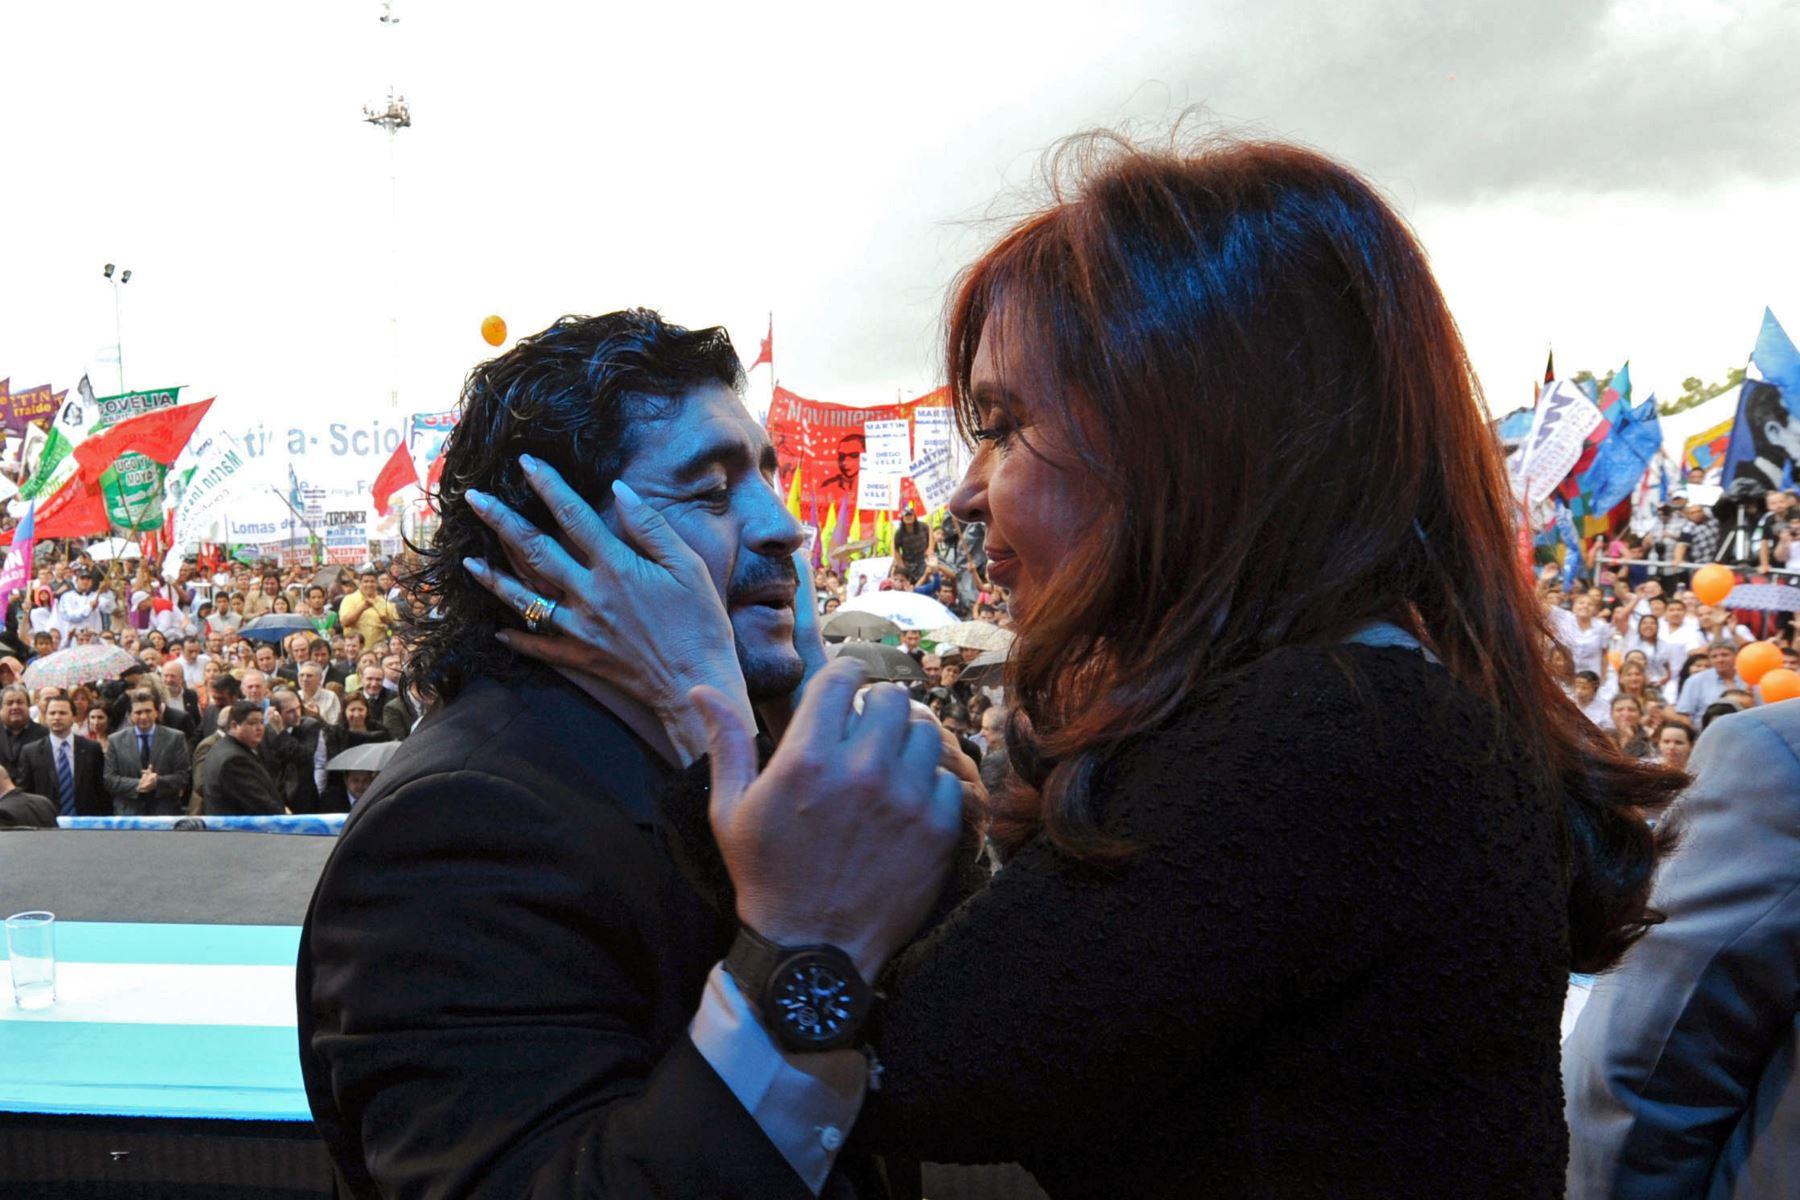 Foto del folleto publicado por la presidencia argentina de la presidenta argentina Cristina Fernández de Kirchner cogiendo el rostro del ex entrenador de la selección argentina de fútbol, Diego Maradona, durante un mitin en Lomas de Zamora, Buenos Aires, el 2 de diciembre de 2010. Foto: AFP